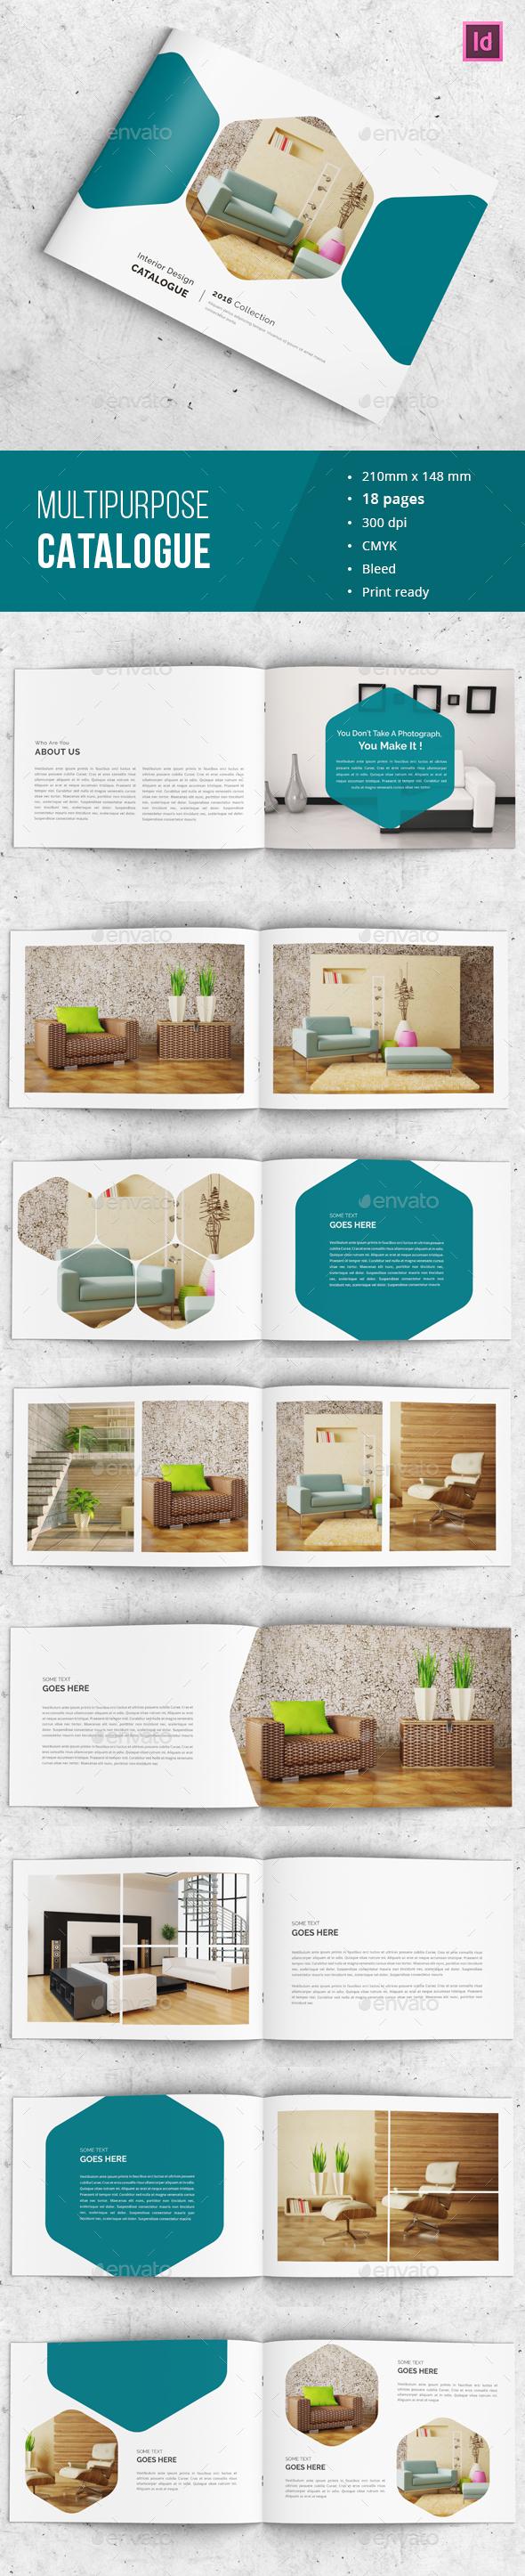 Indesign Catalog - Portfolio - Catalogs Brochures